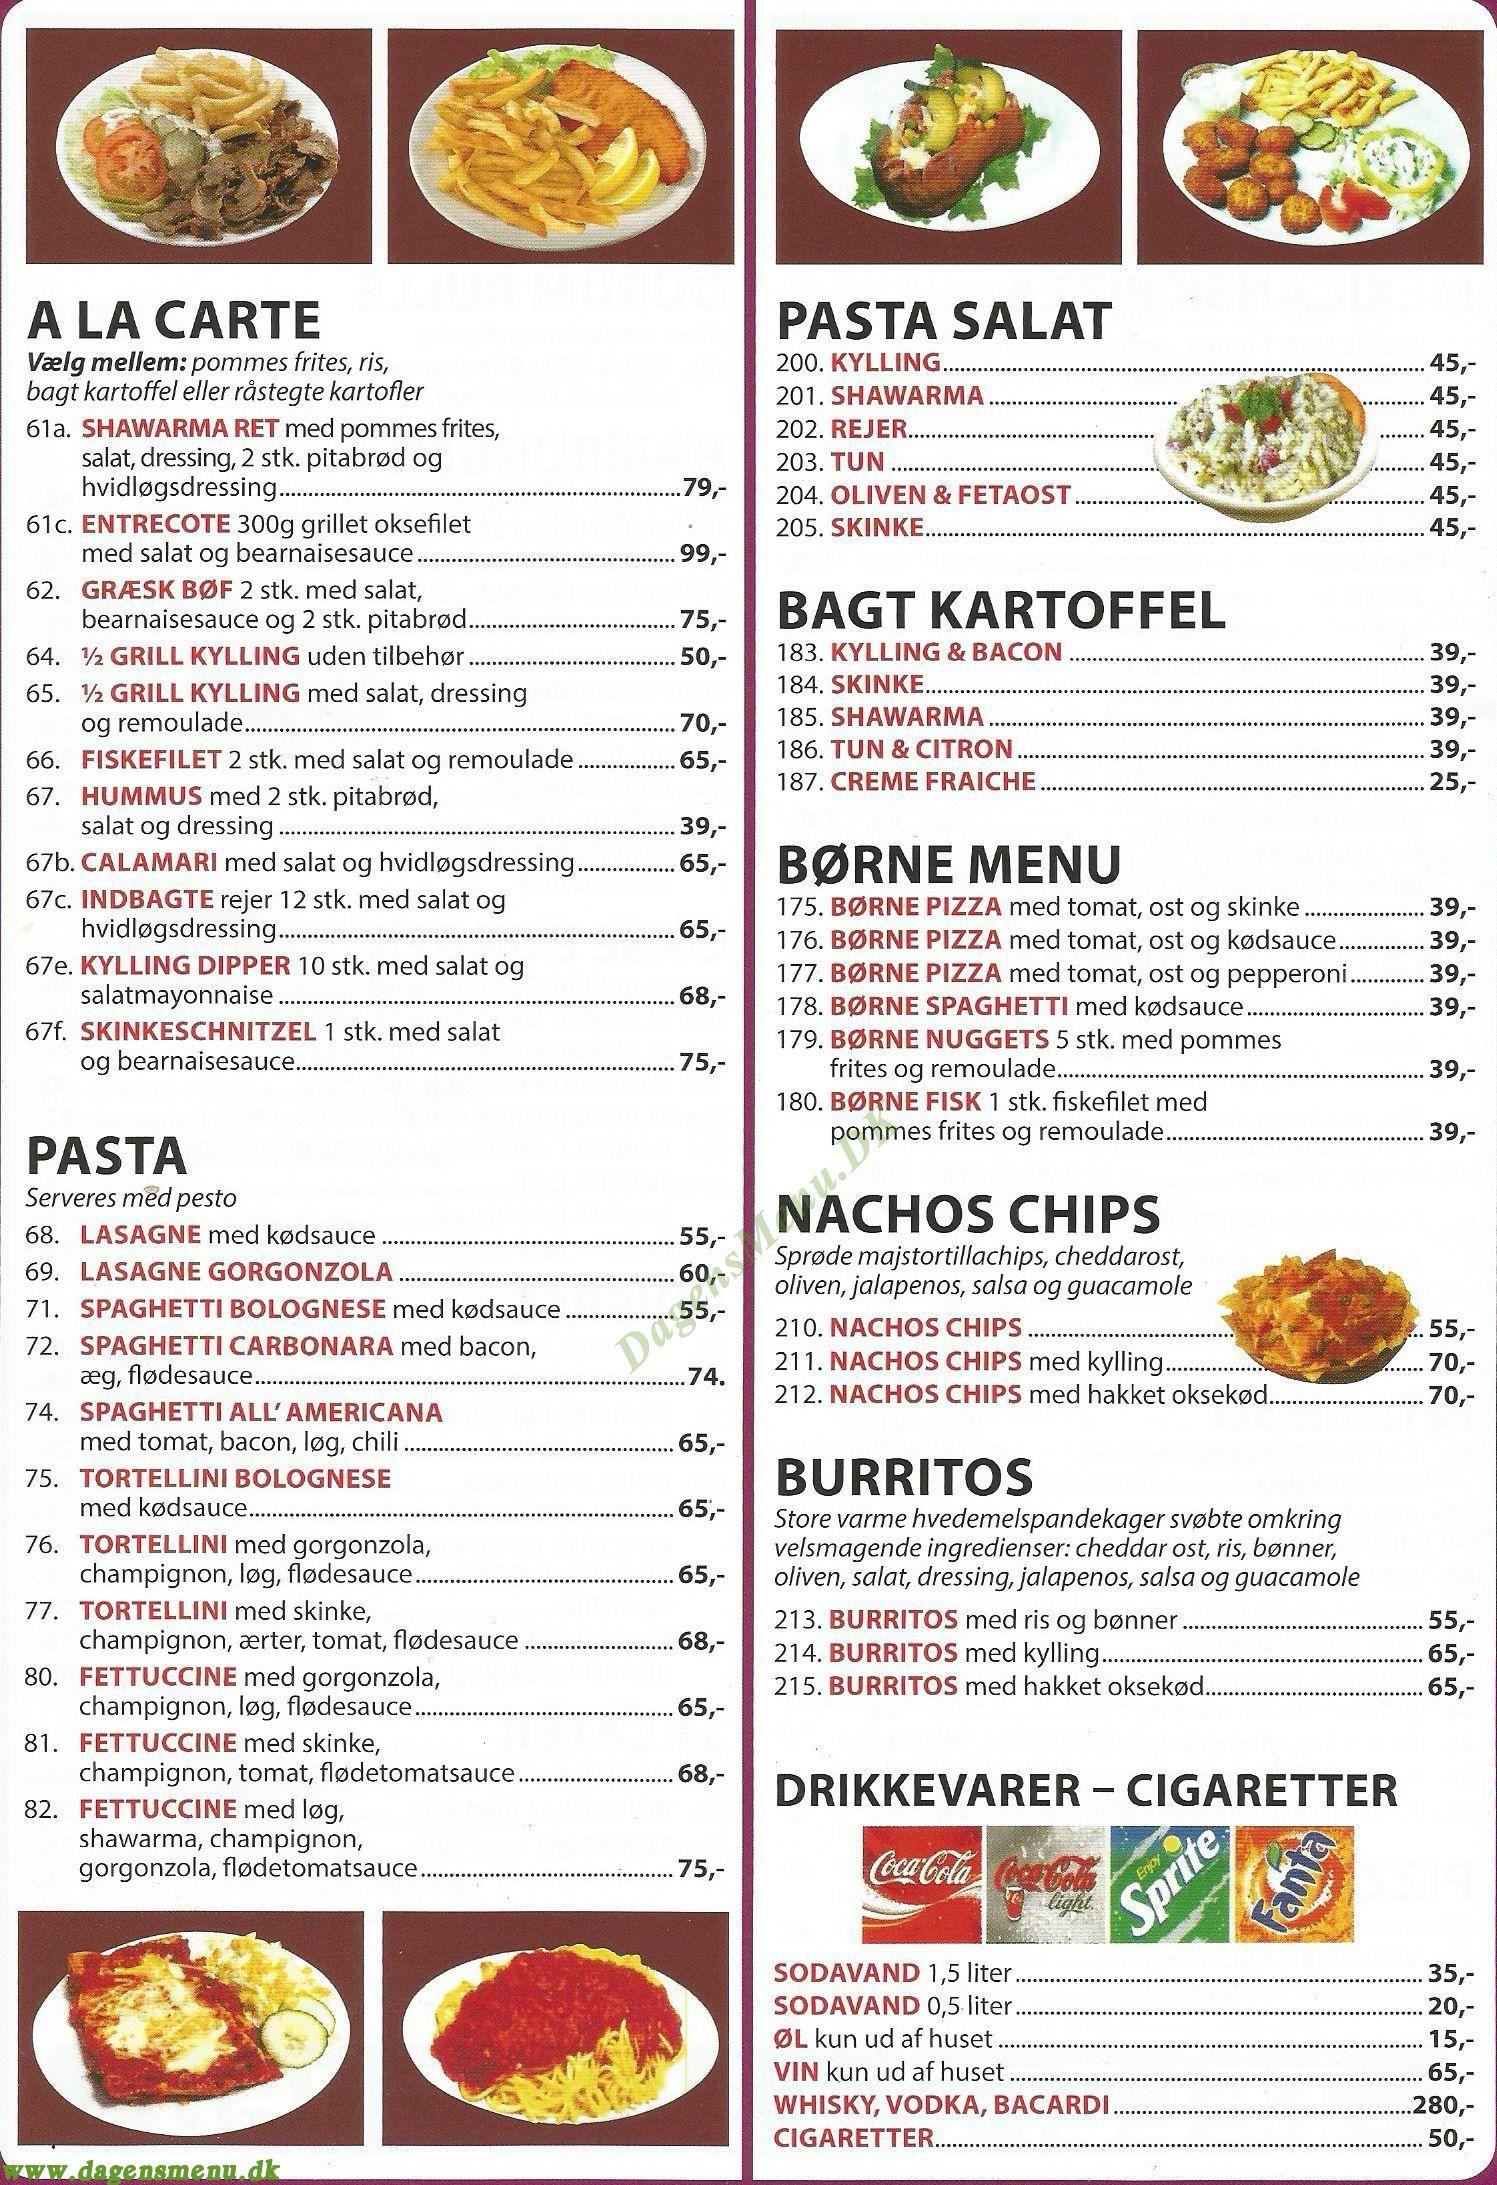 Fiorentina 1 pizza - Menukort